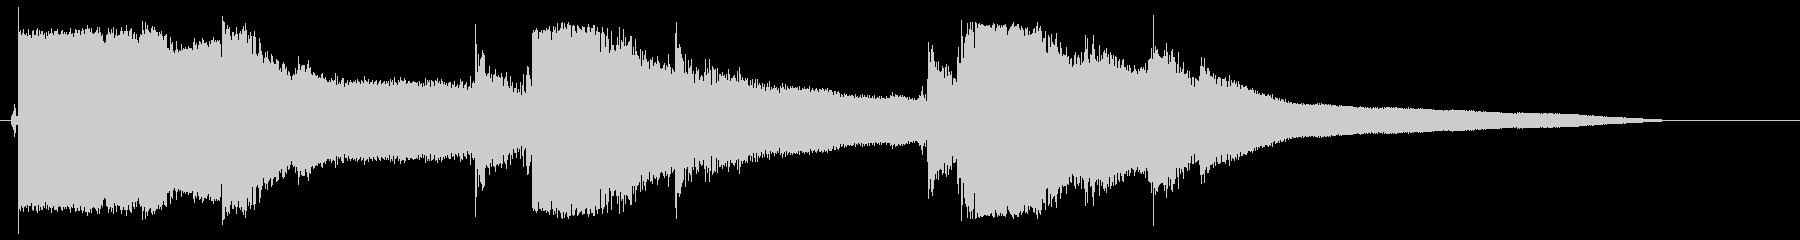 カランカランカラン(氷がグラスへ入る)の未再生の波形